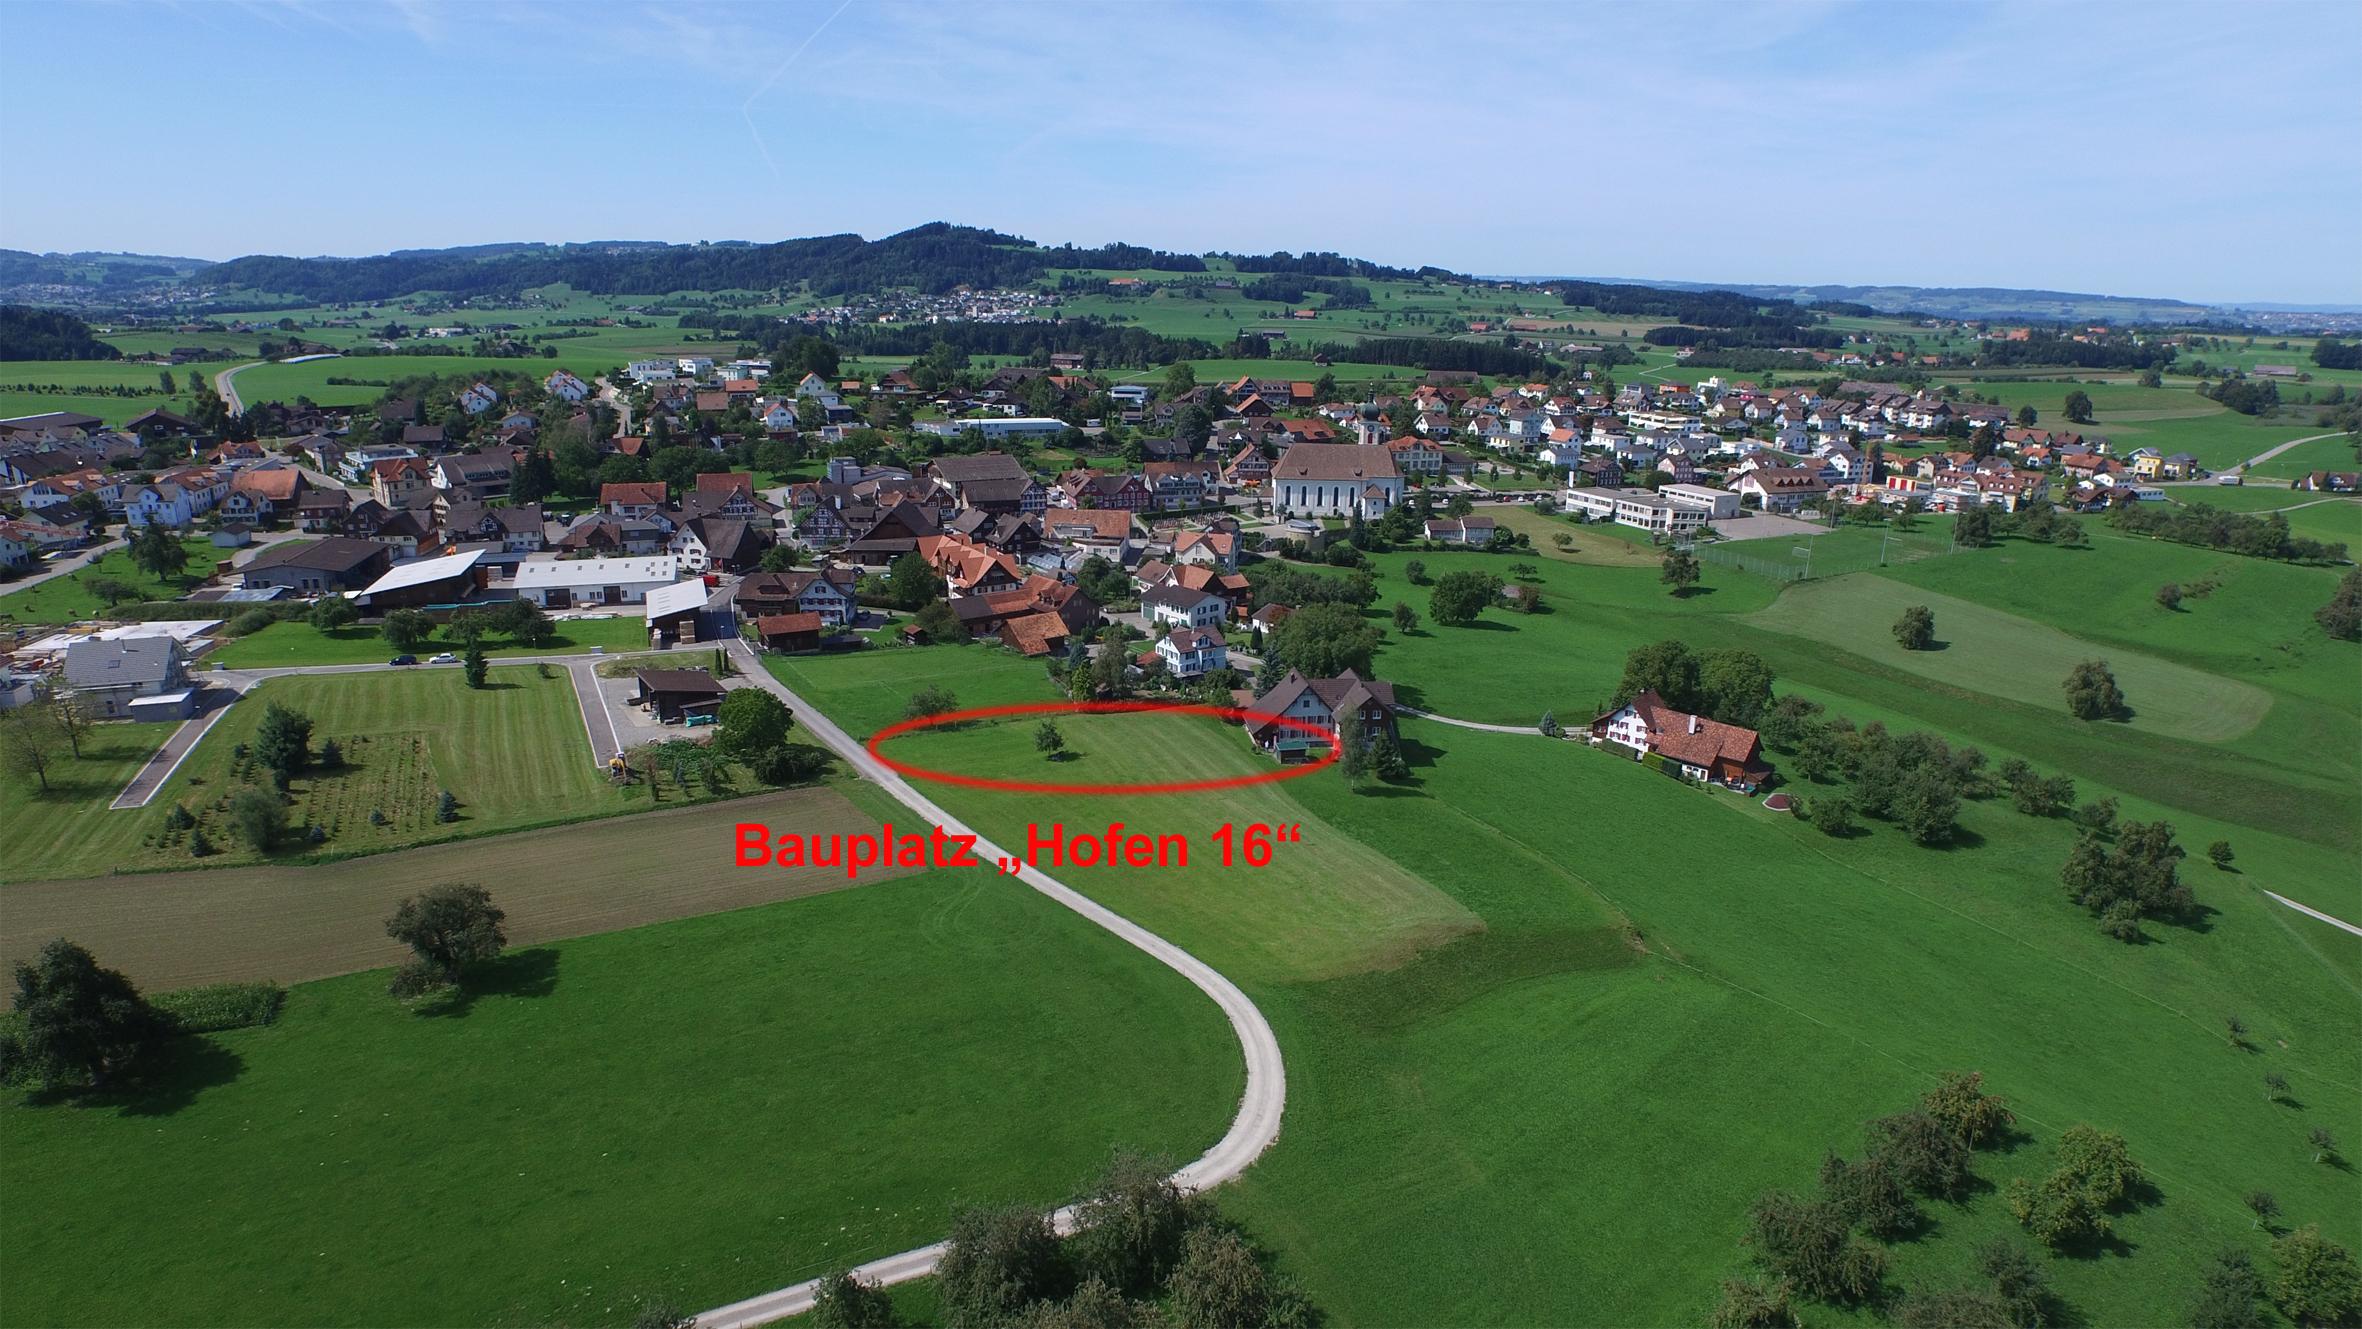 Bauplatz mit dem Dorf